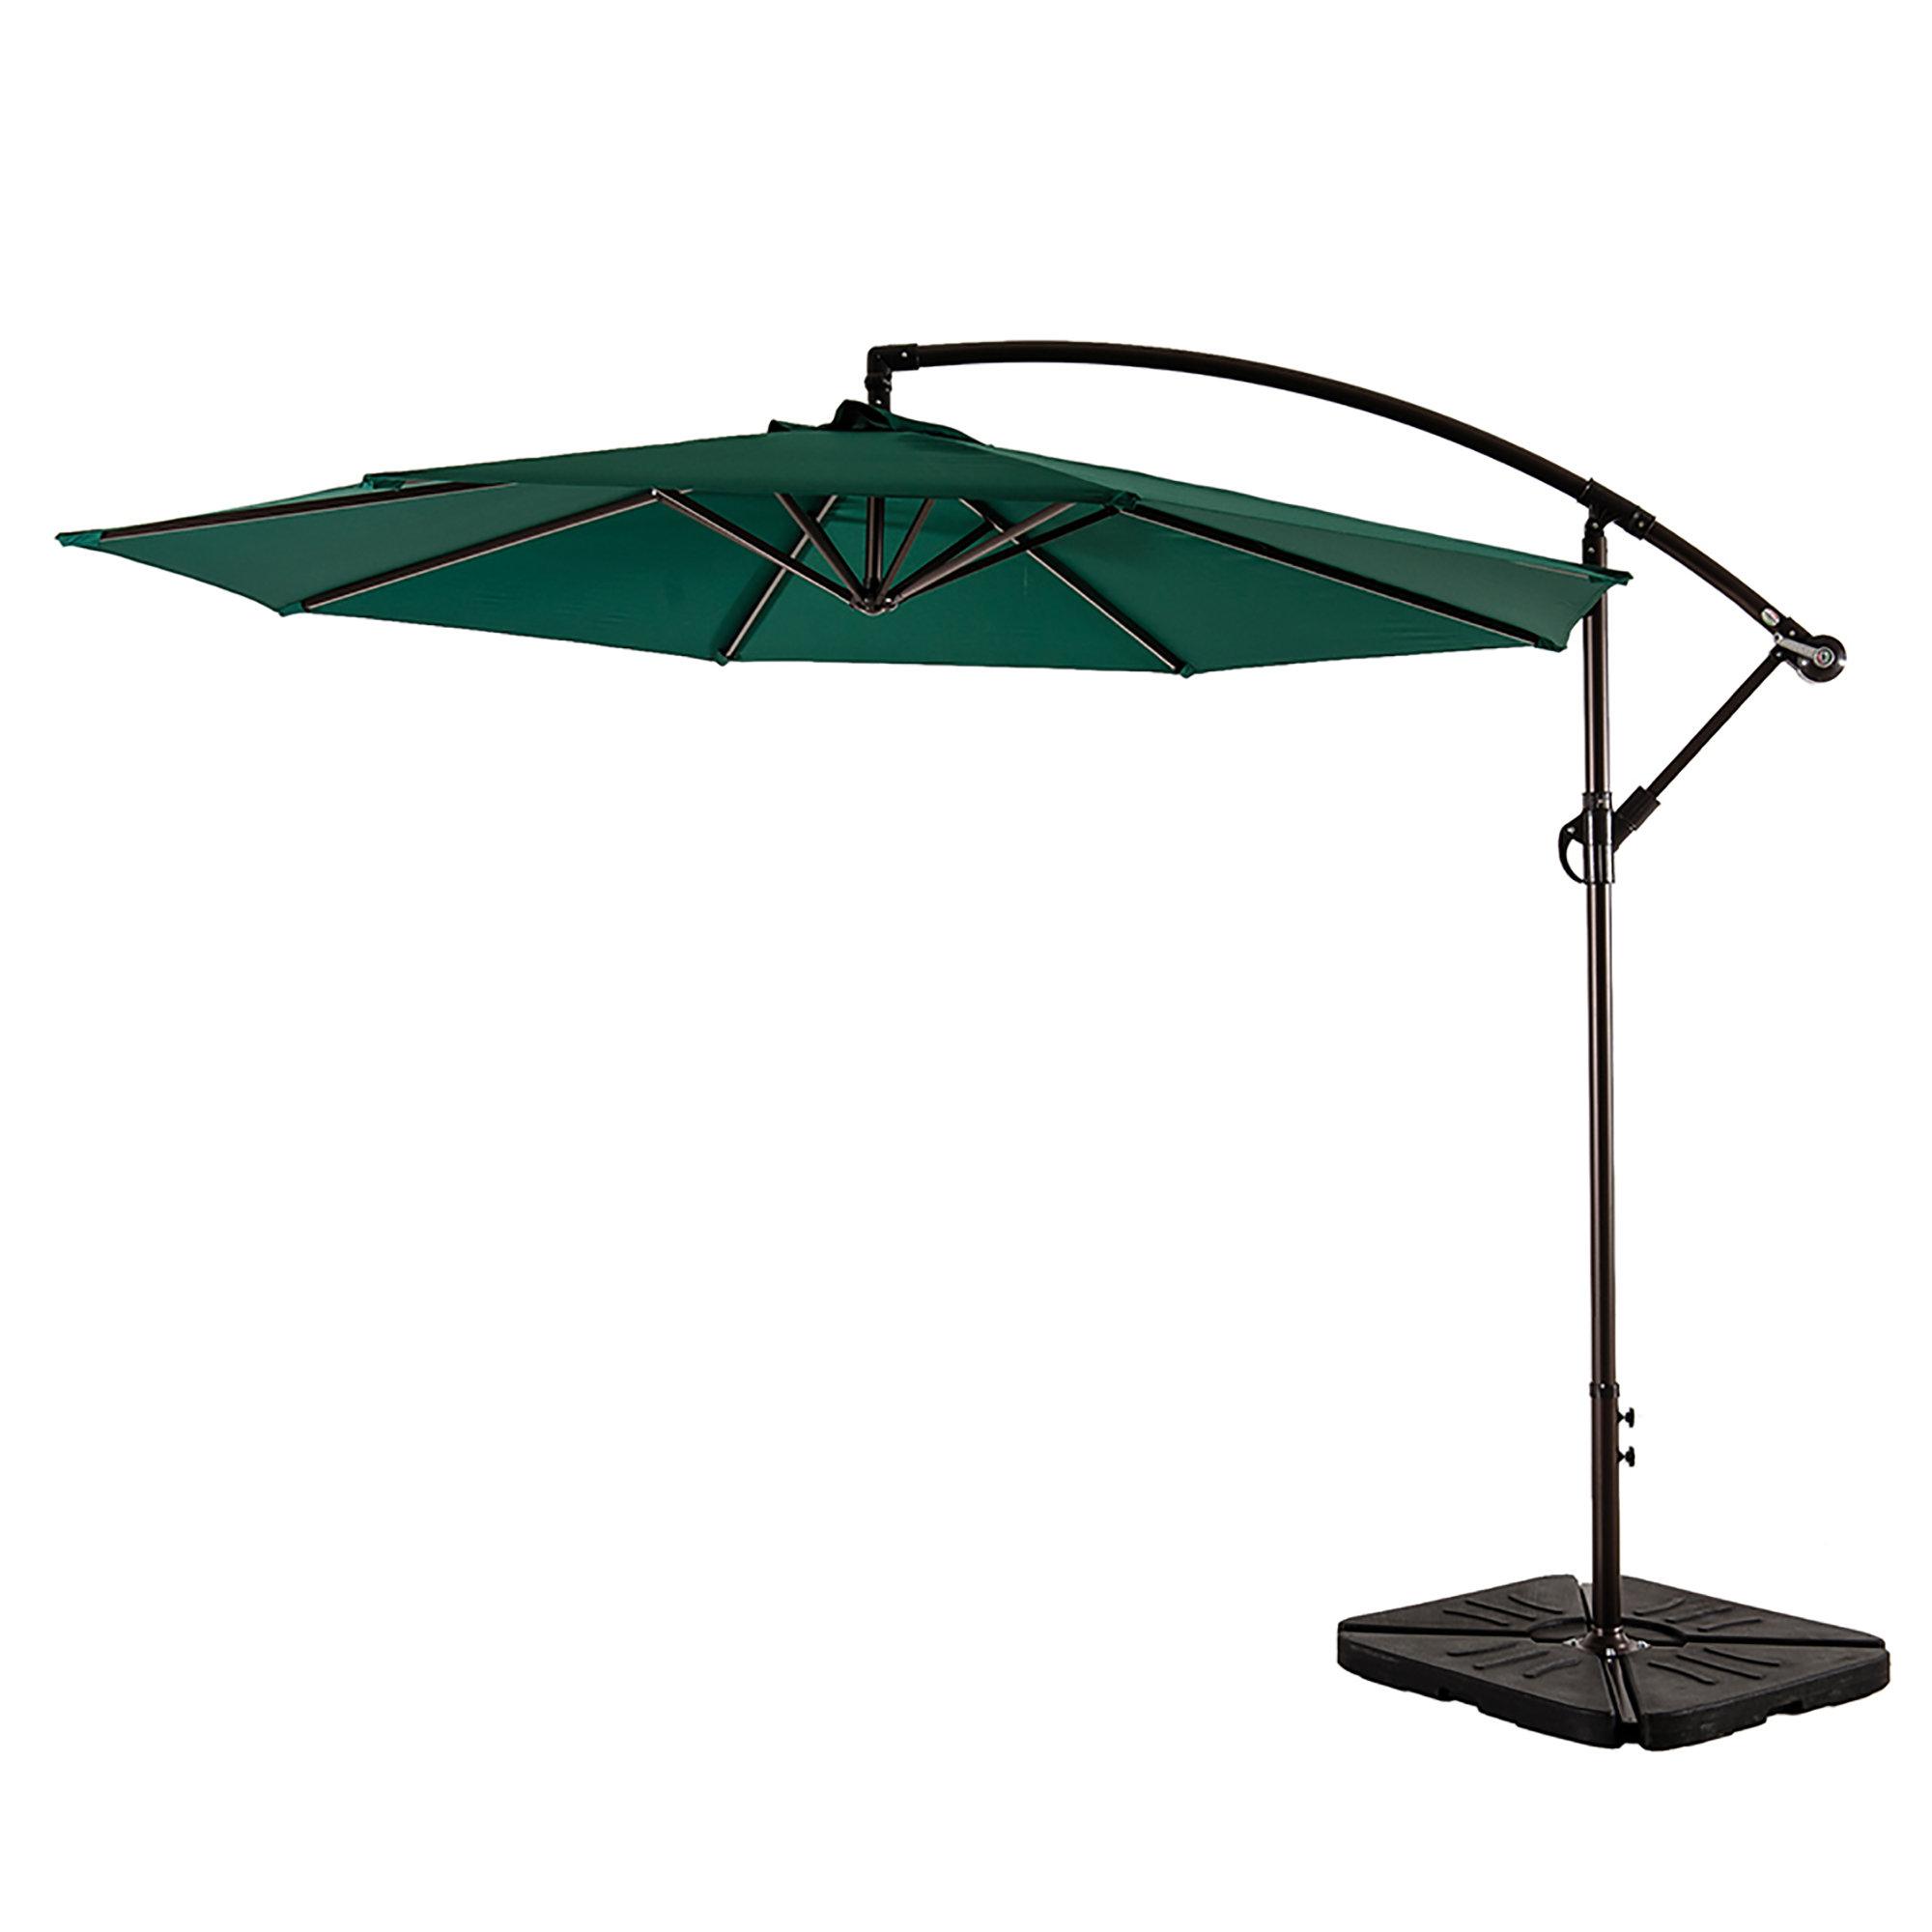 Karr 10' Cantilever Umbrella In Most Recent Trotman Cantilever Umbrellas (View 10 of 20)